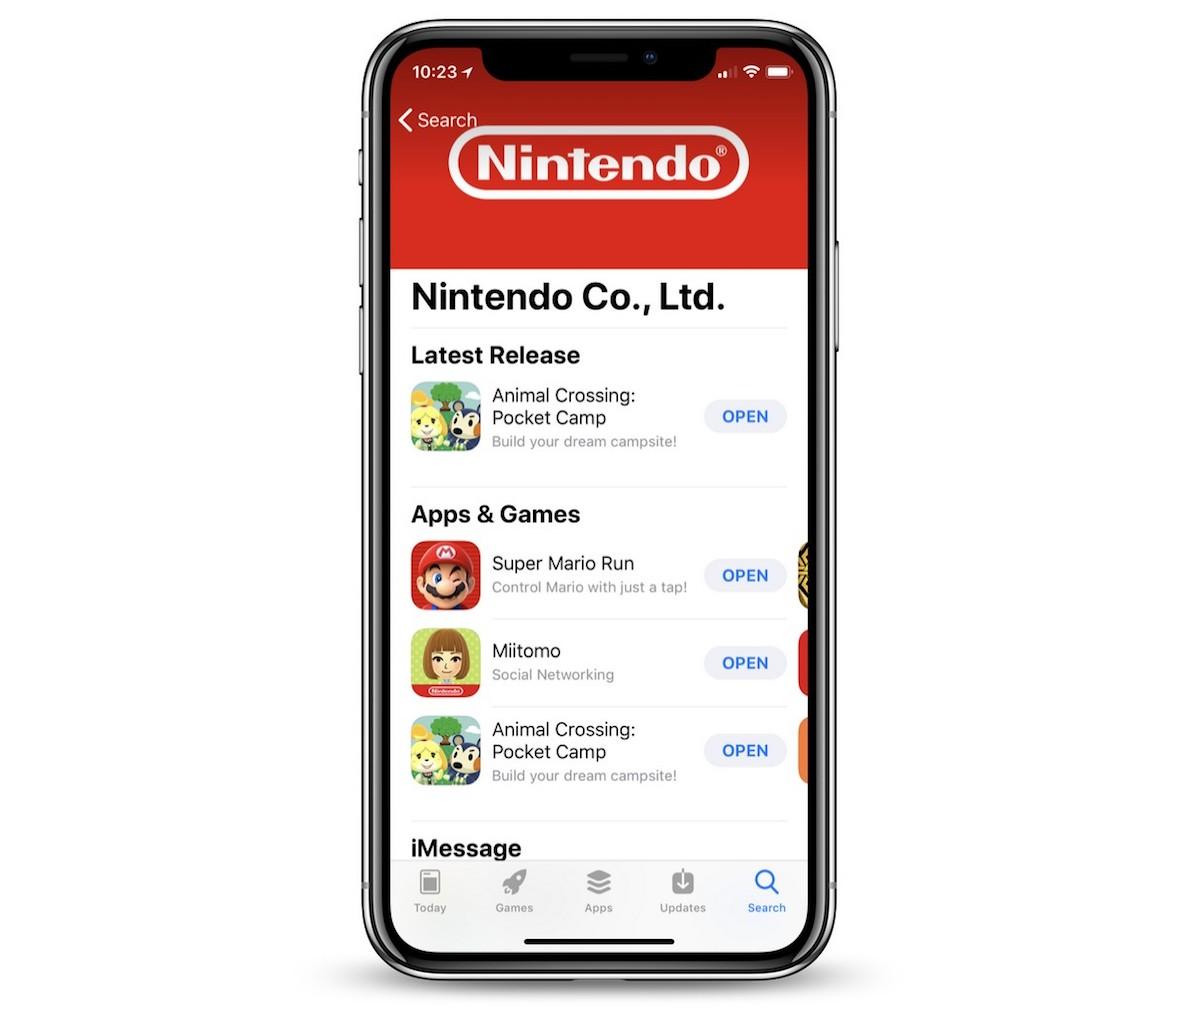 Nintendo : 300 millions d'euros de revenus inégalement répartis sur 4 jeux mobiles, avant Mario Kart Tour 1